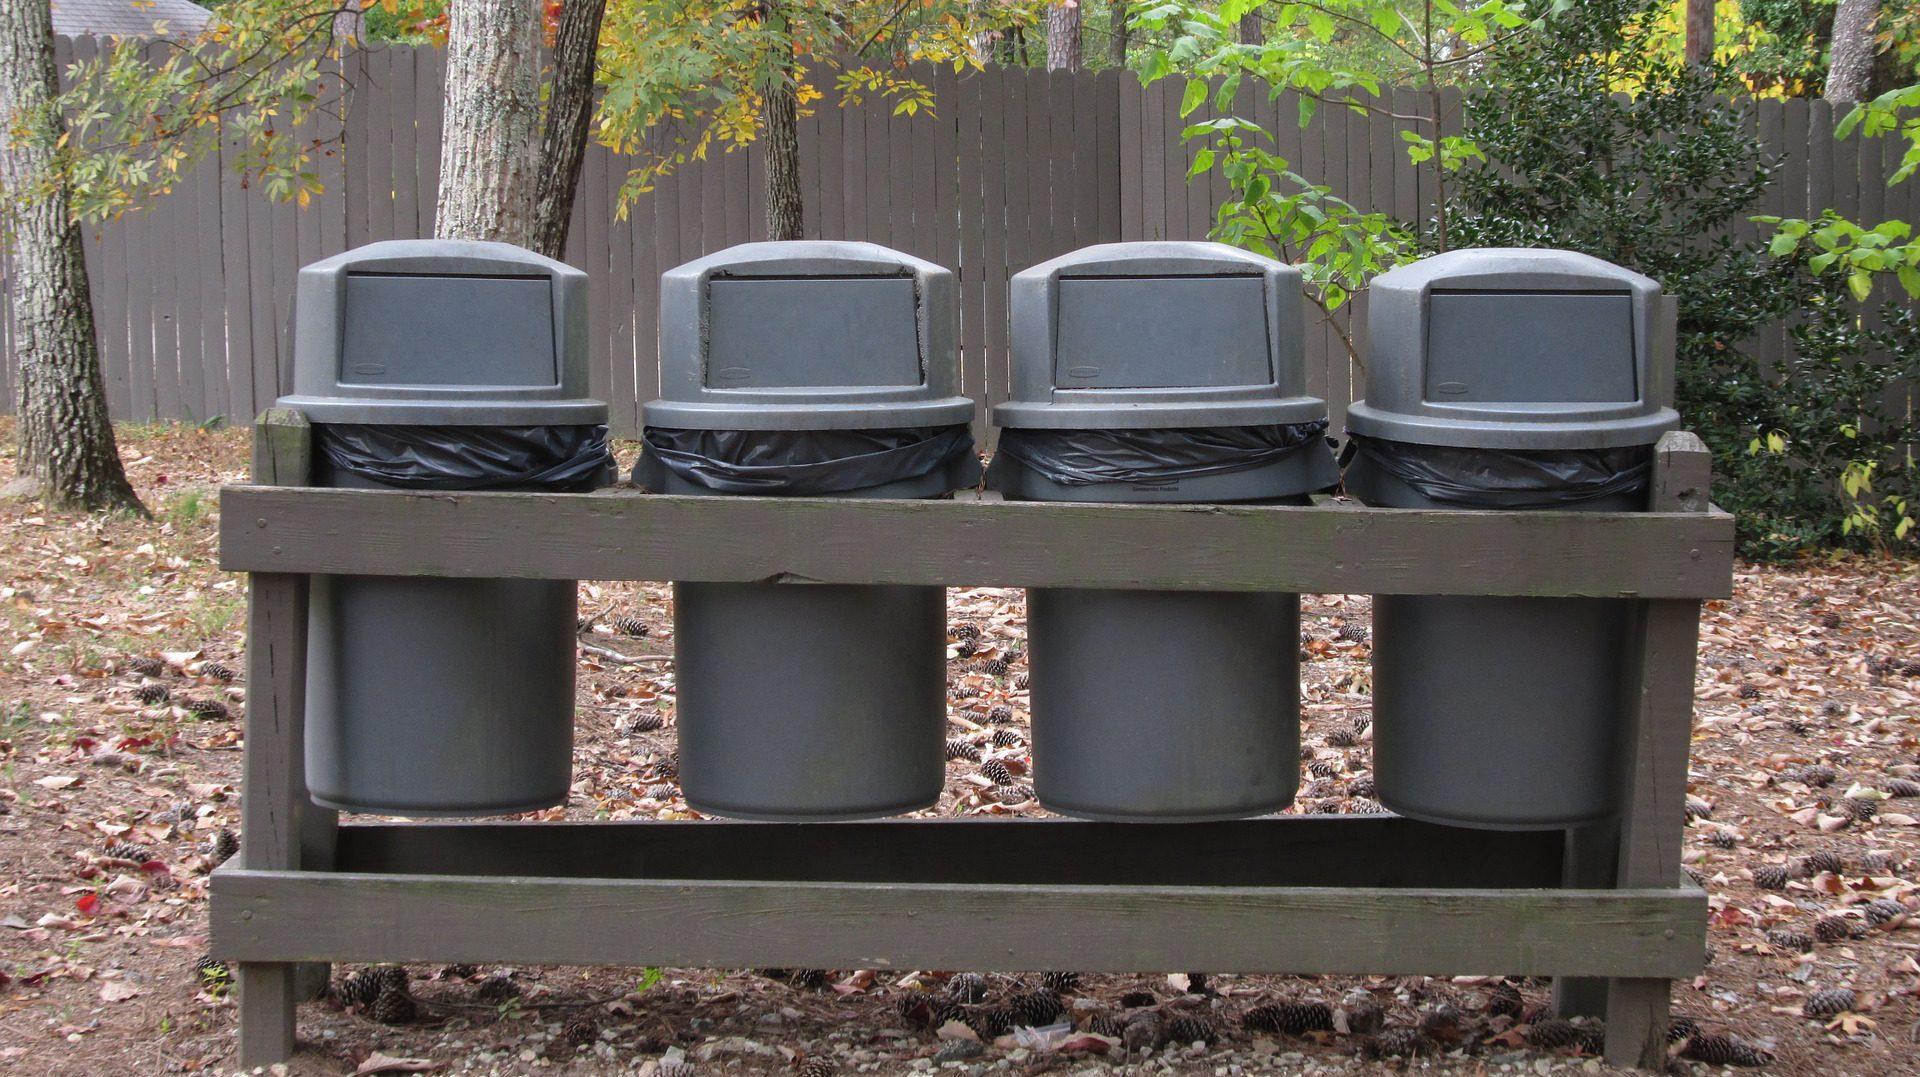 Jak segregować odpady? Ministerstwo podpowiada